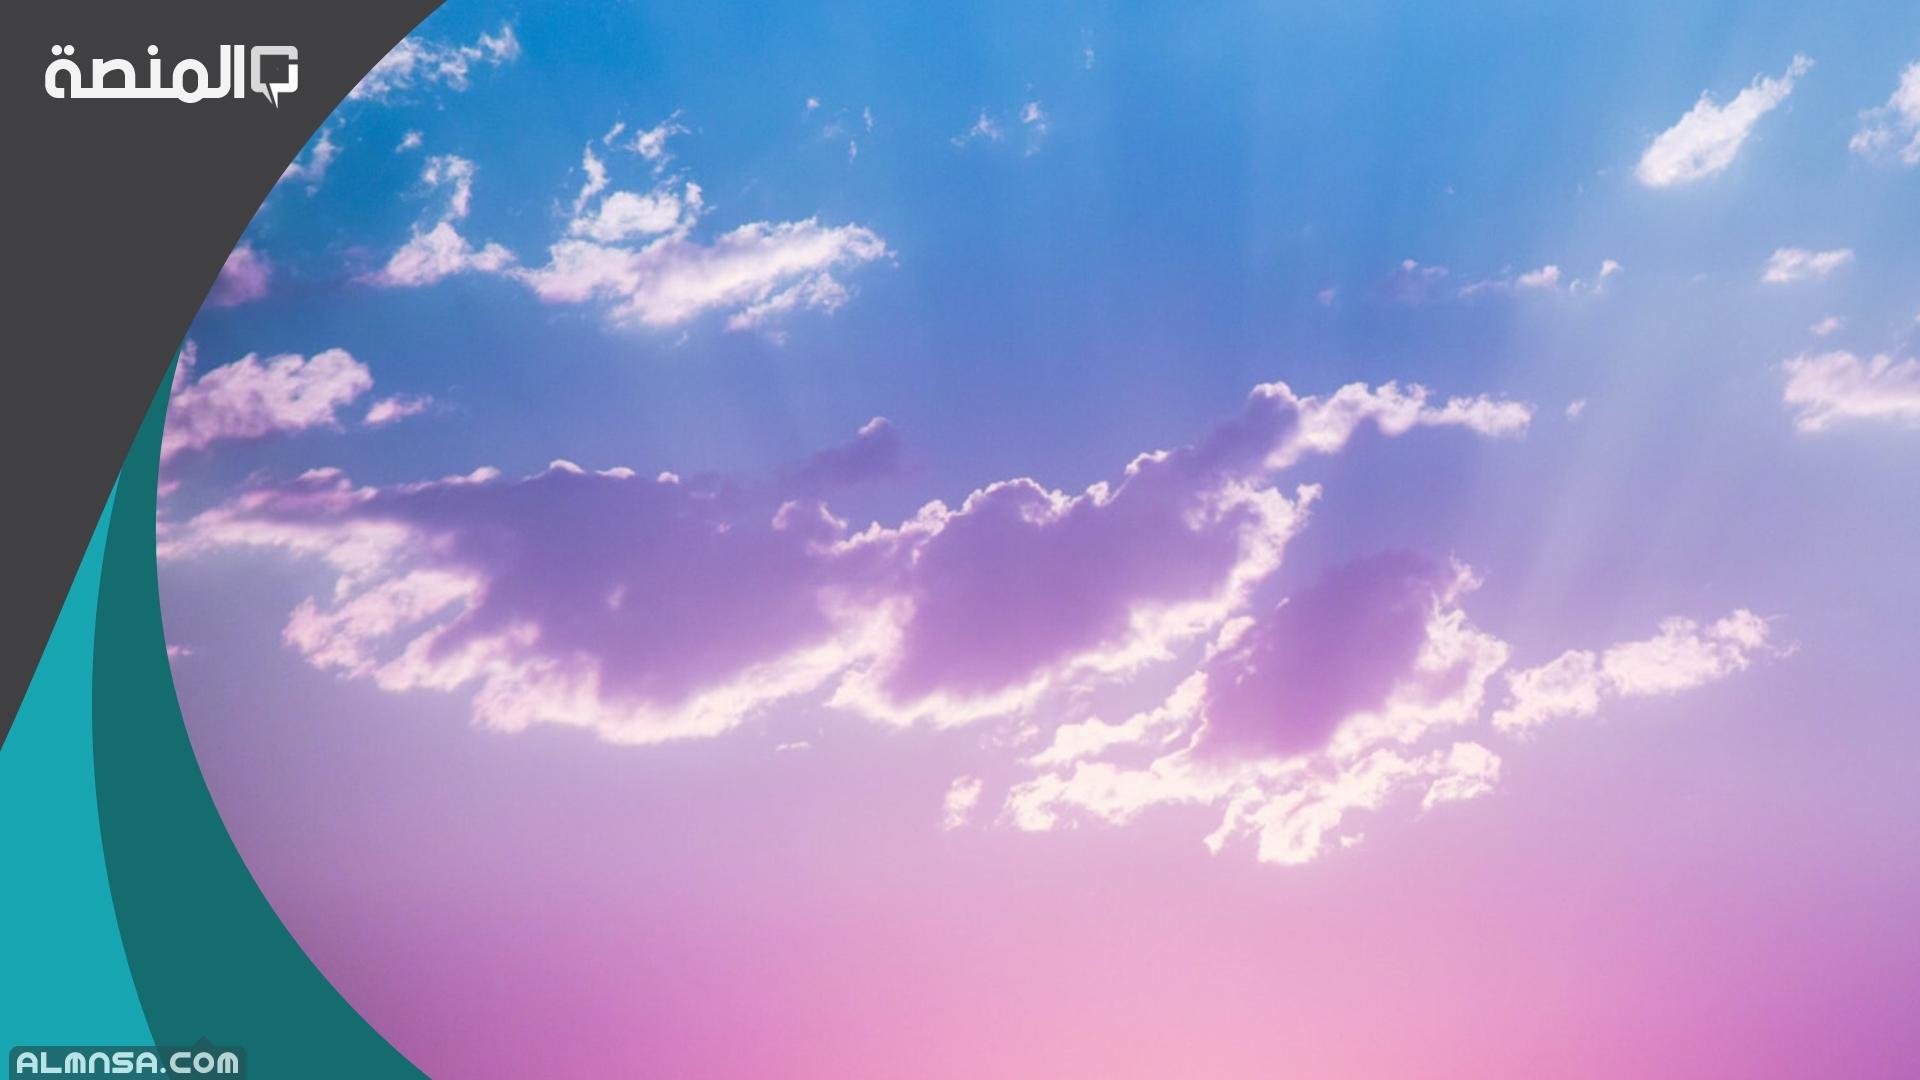 تفسير حلم رؤية الغيوم في المنام المنصة